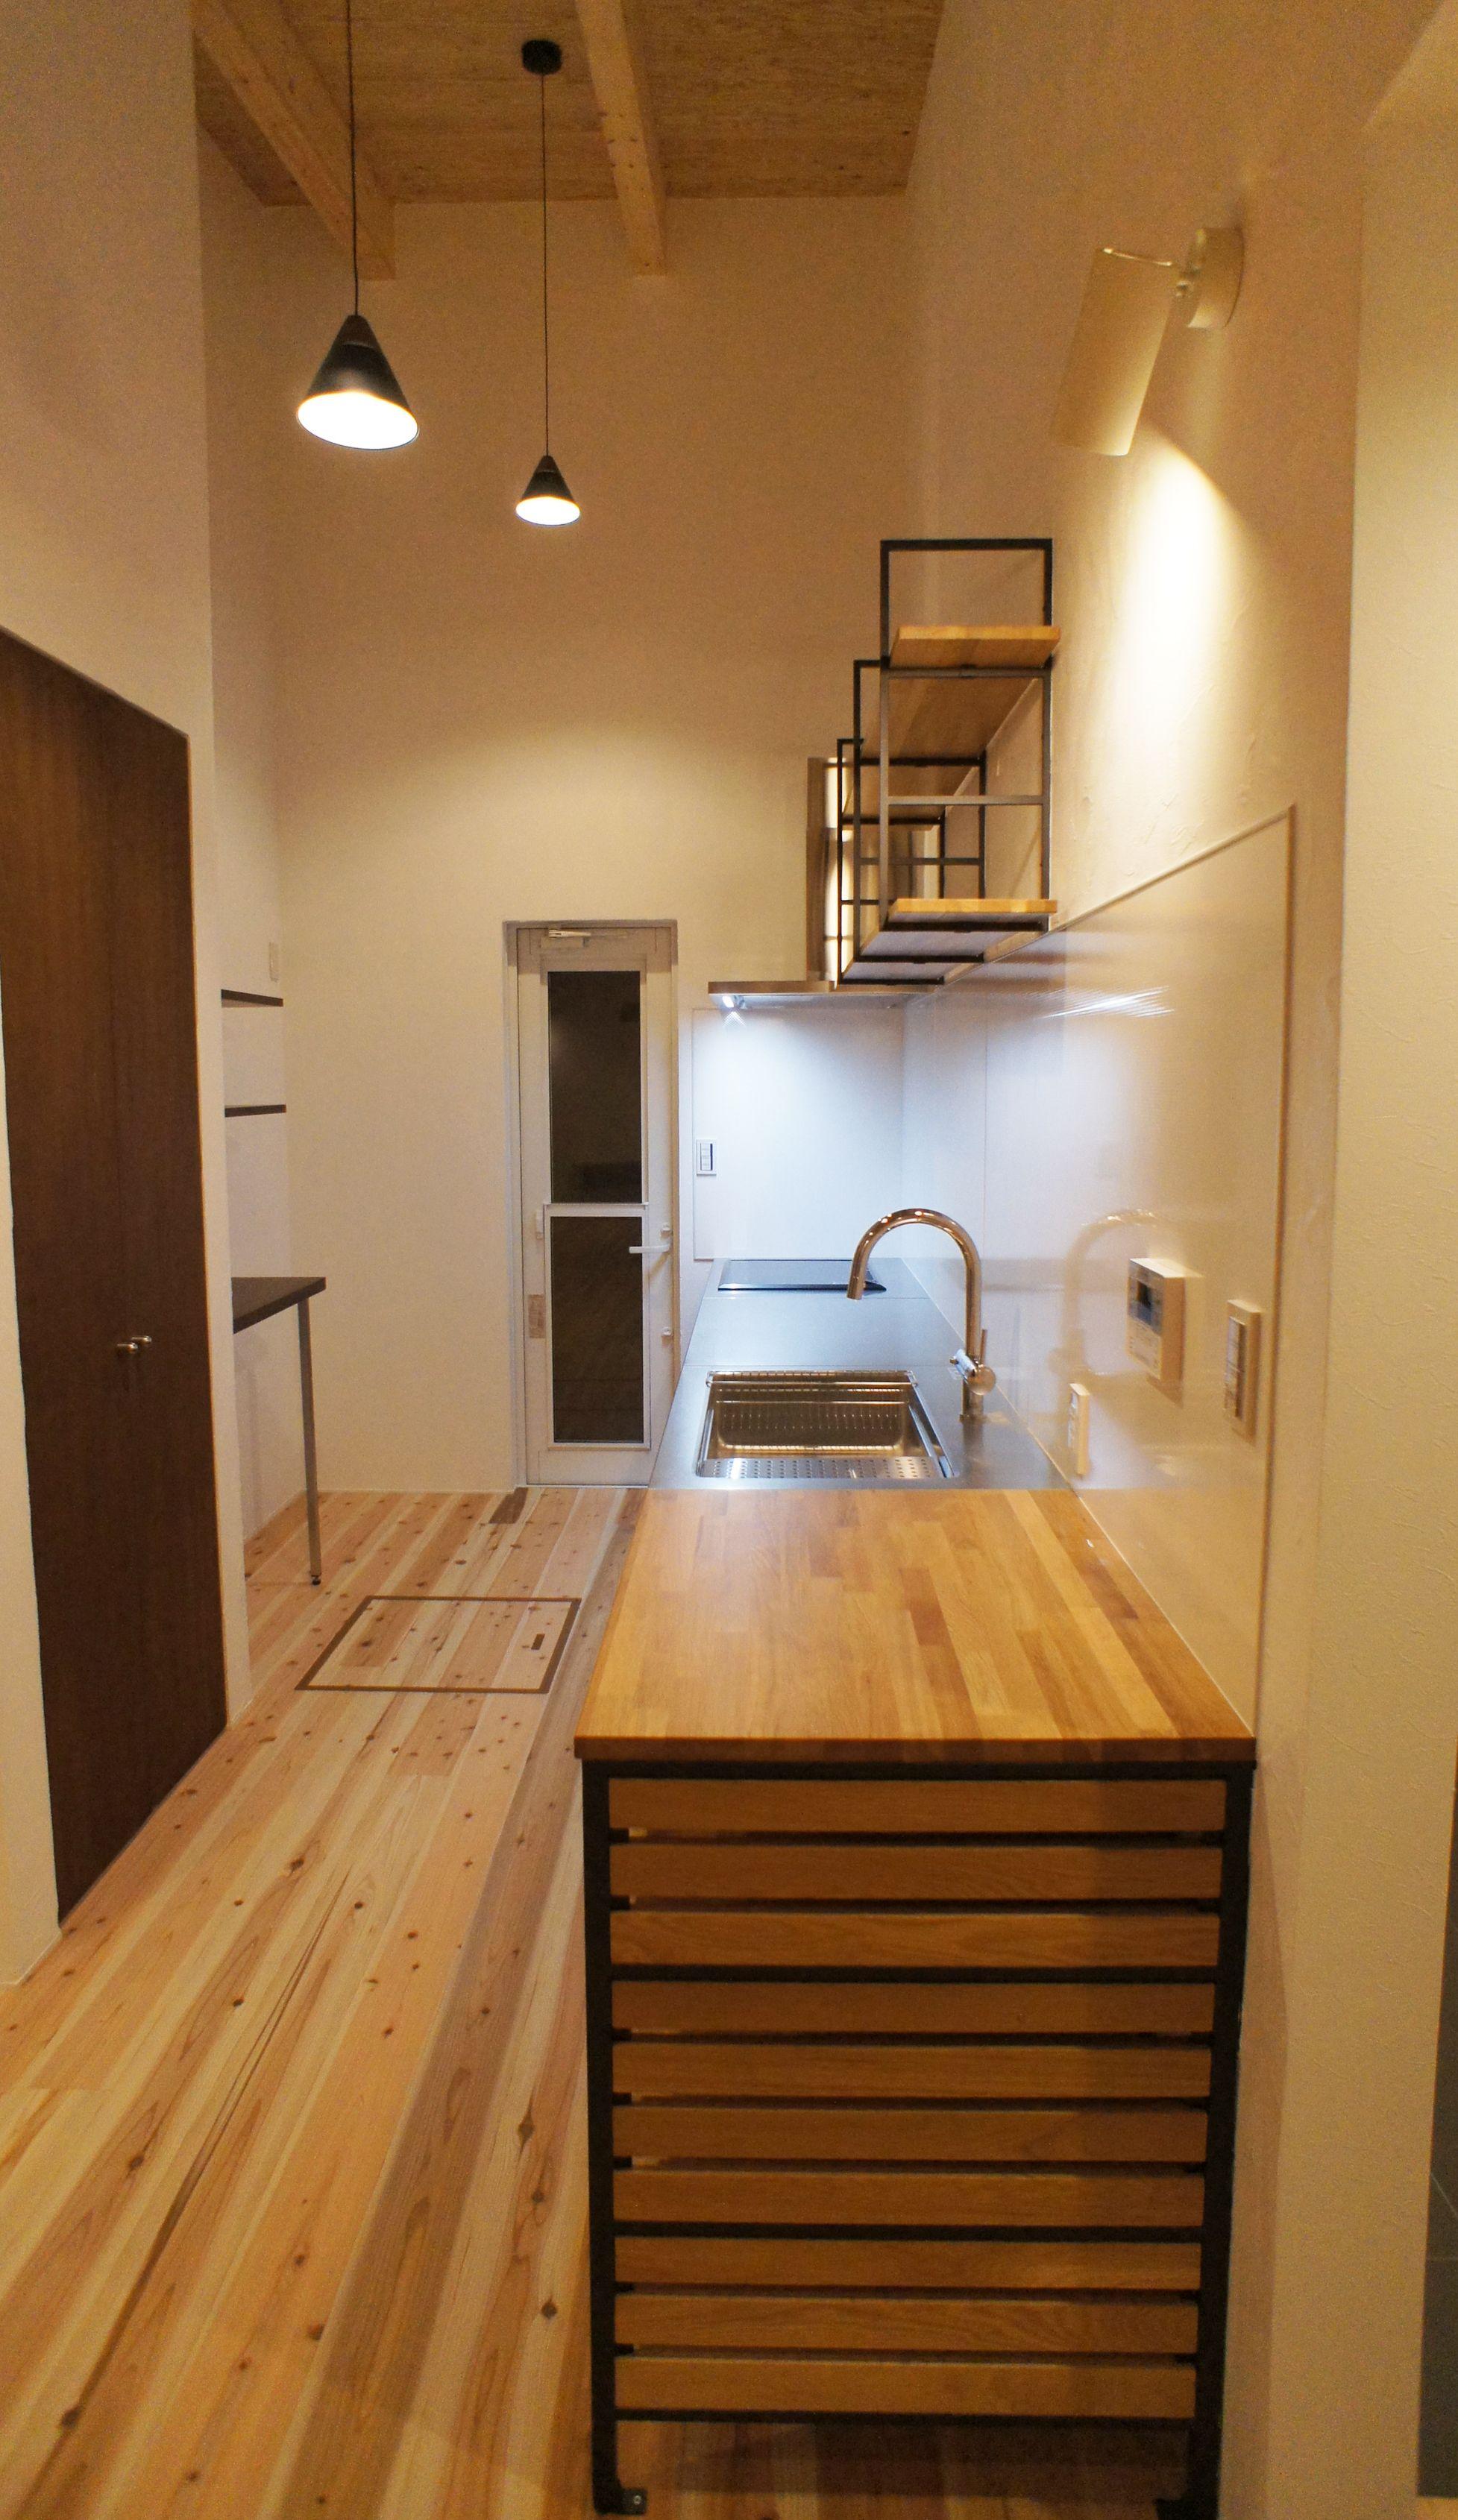 キッチンはkuromukuを採用して 照明もおしゃれにコーディネートしま